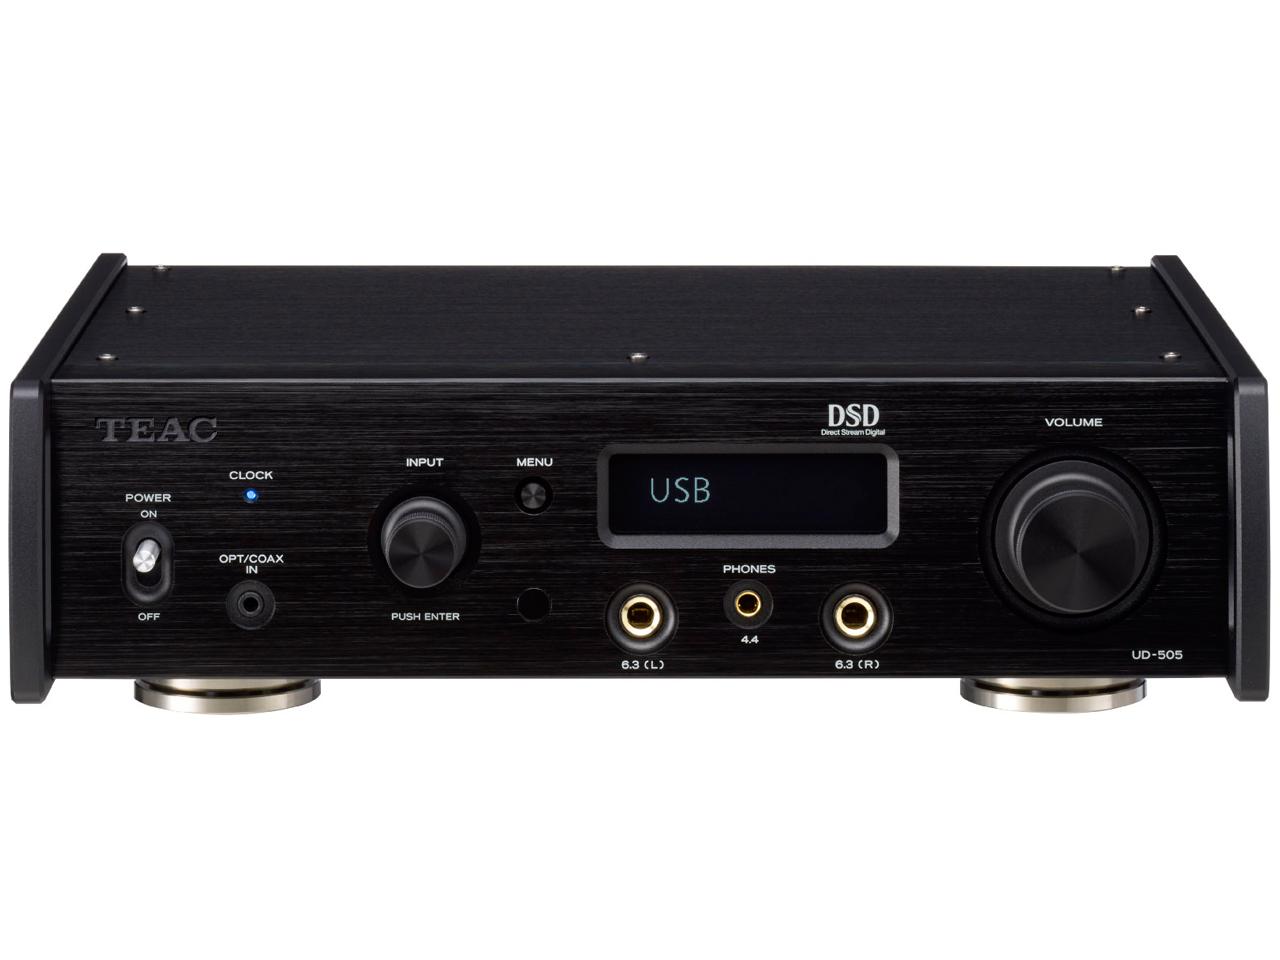 UD-505-B [ブラック] の製品画像